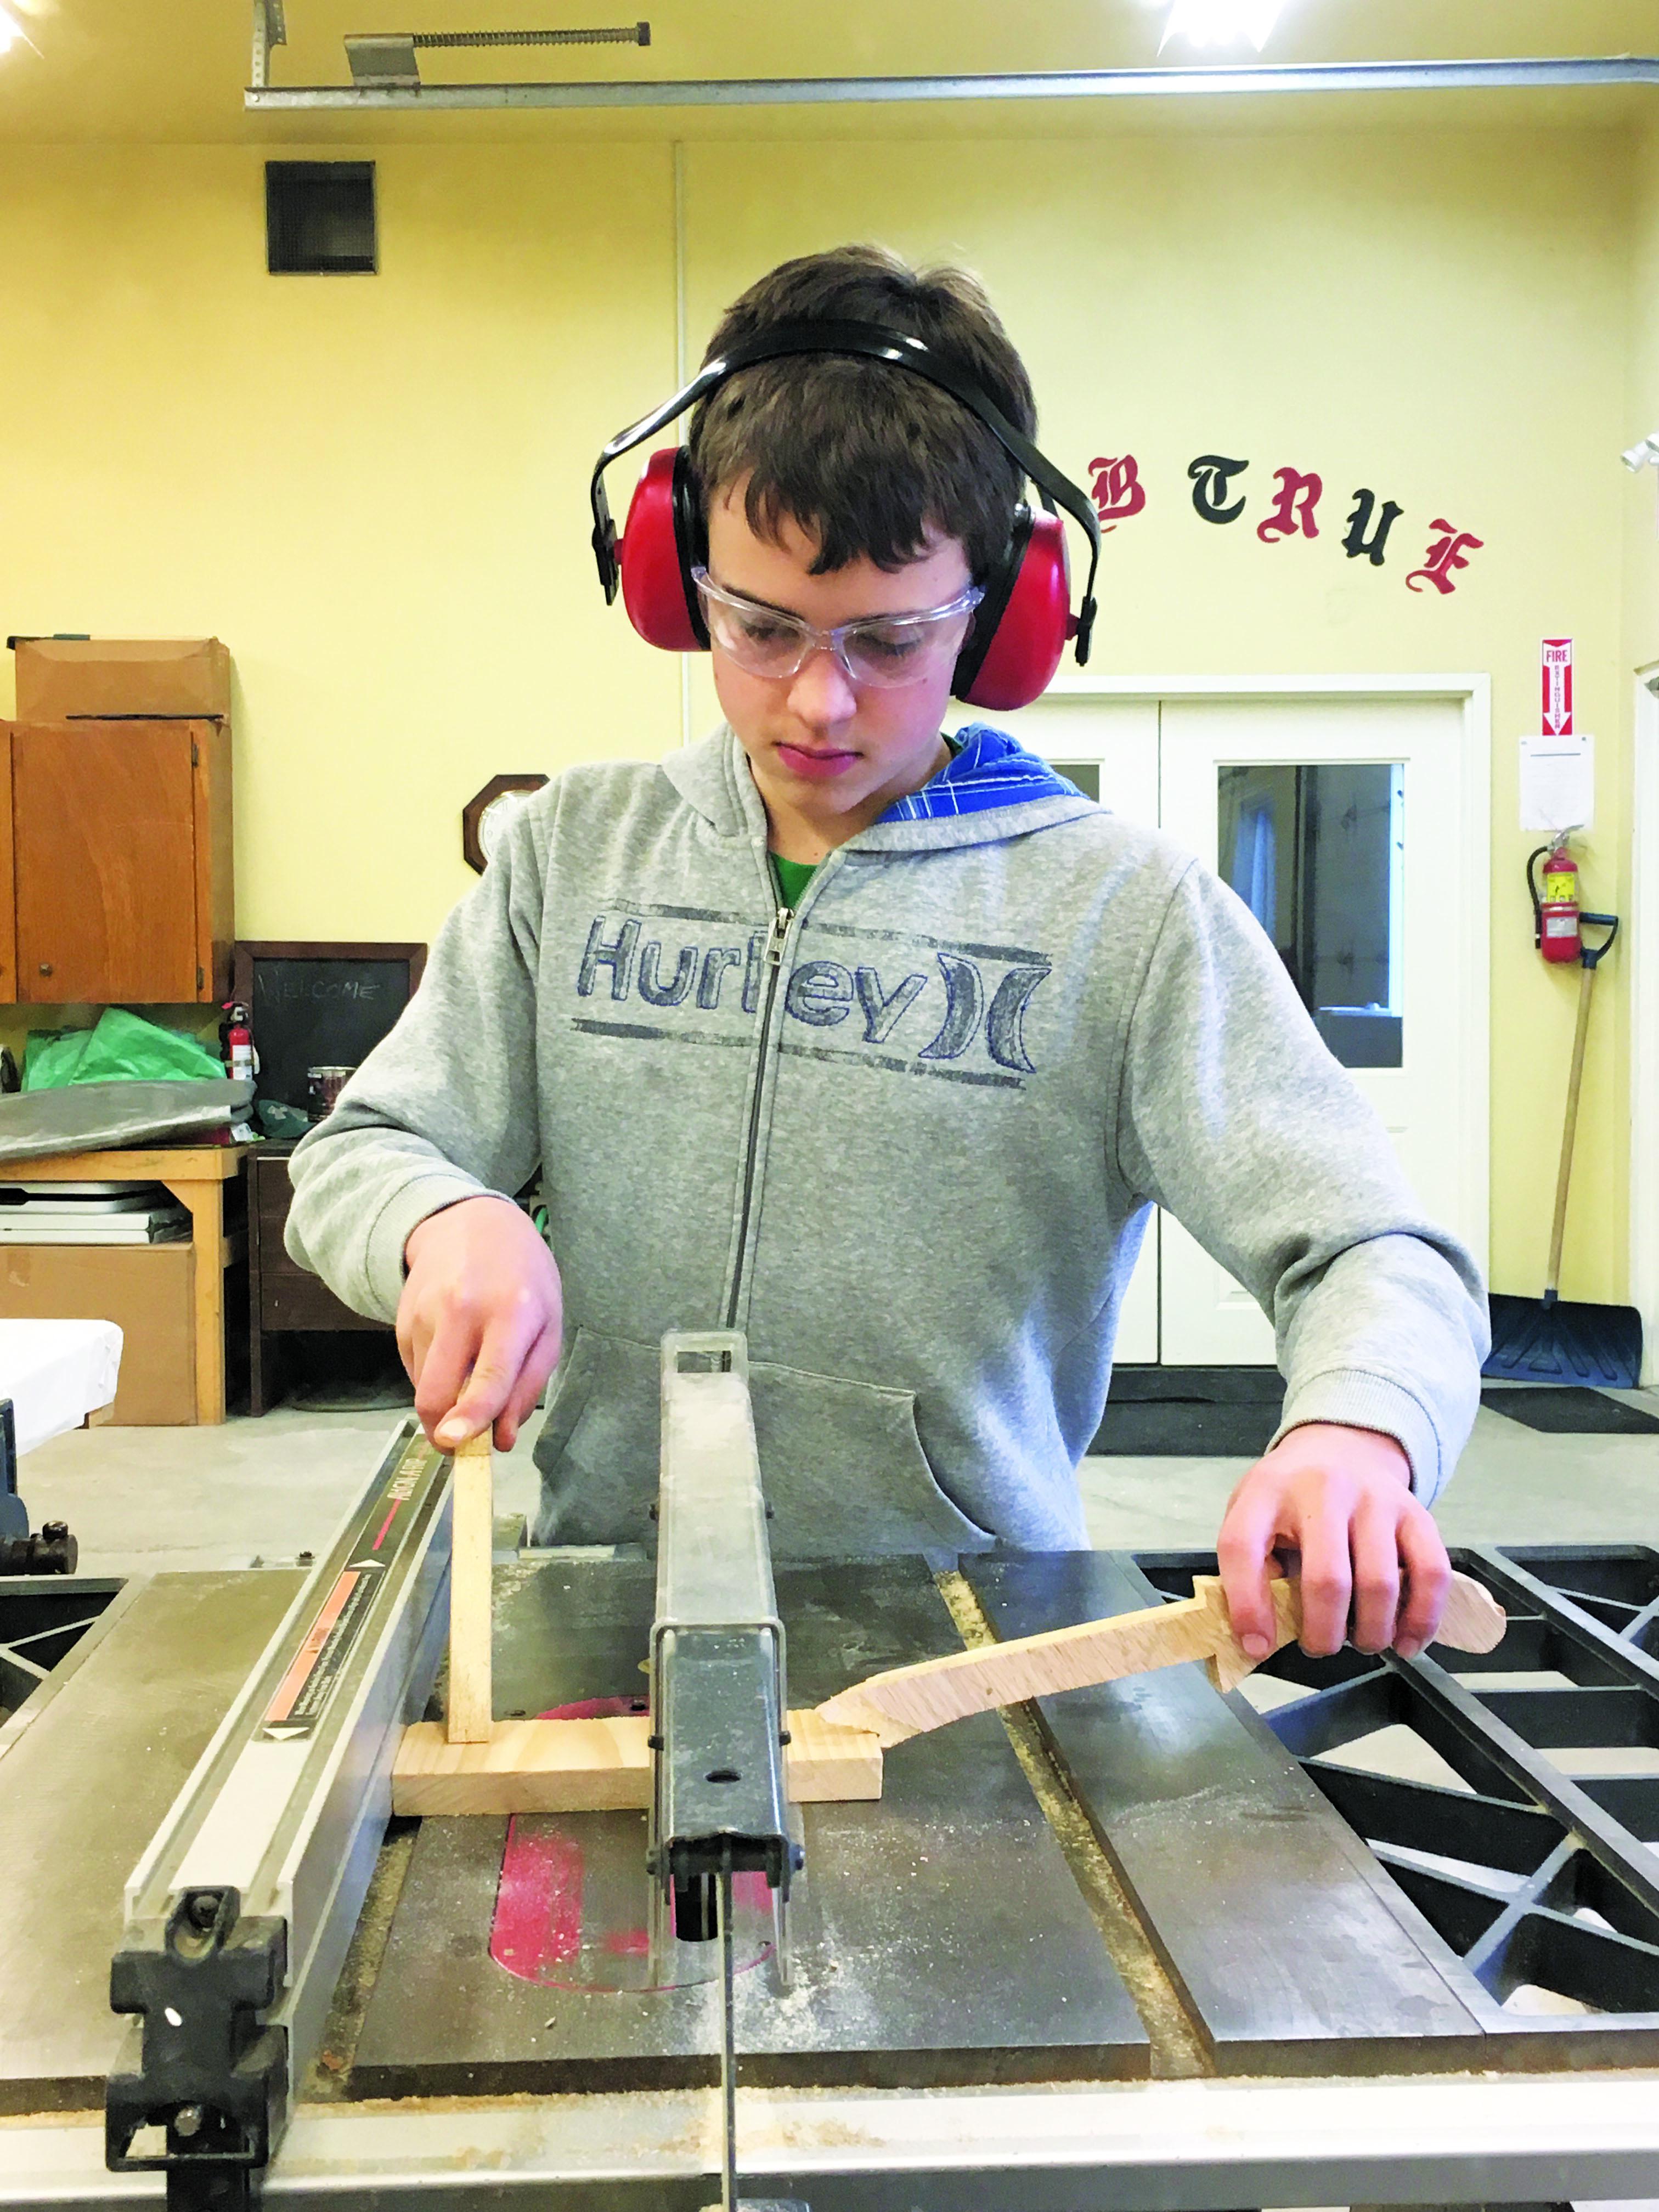 Boy using saw.